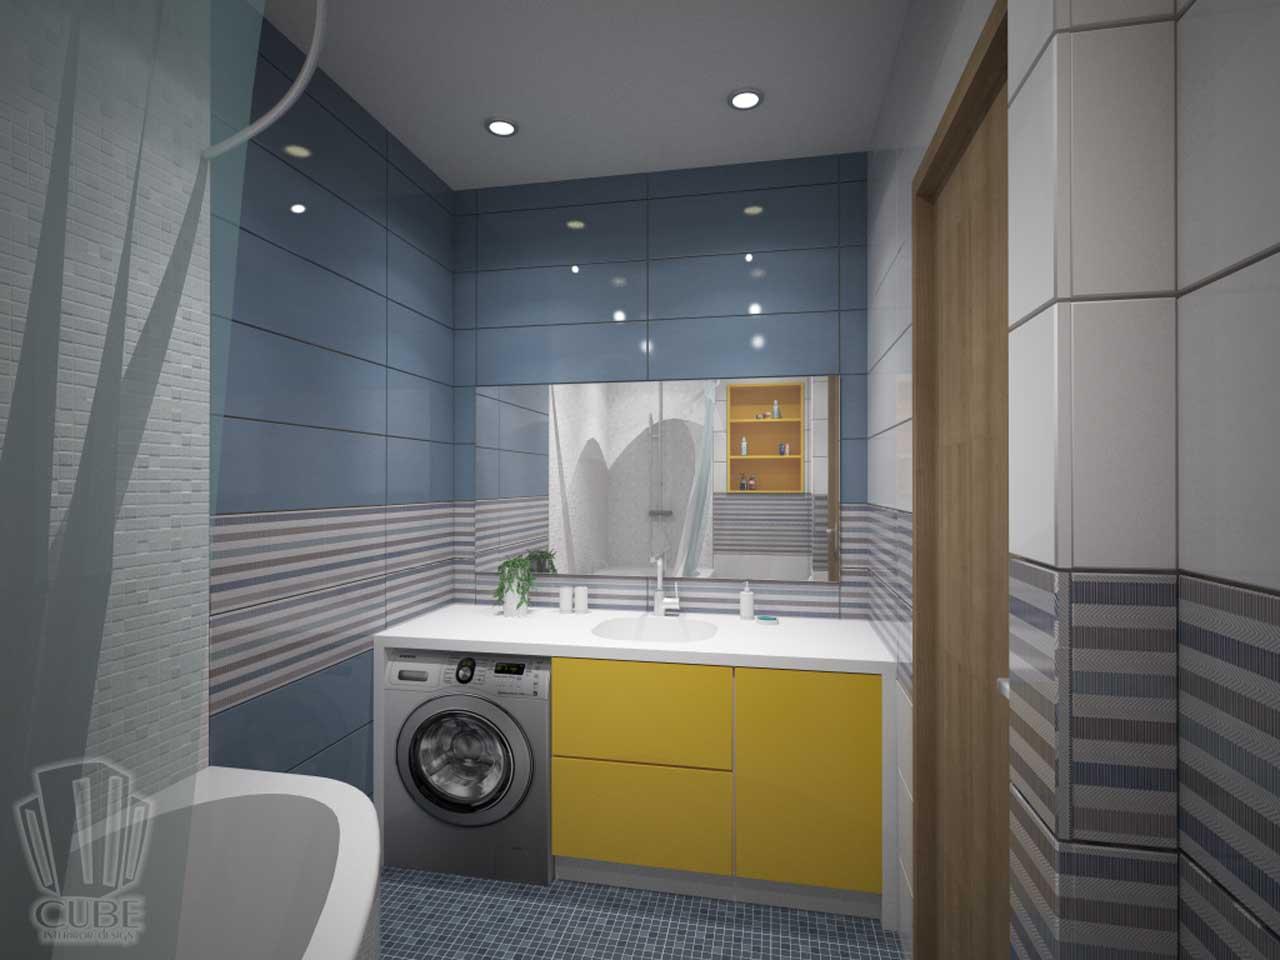 Дизайн-проект интерьера. Тюмень ул. Широтная д.158. Квартира для молодой семьи (16)